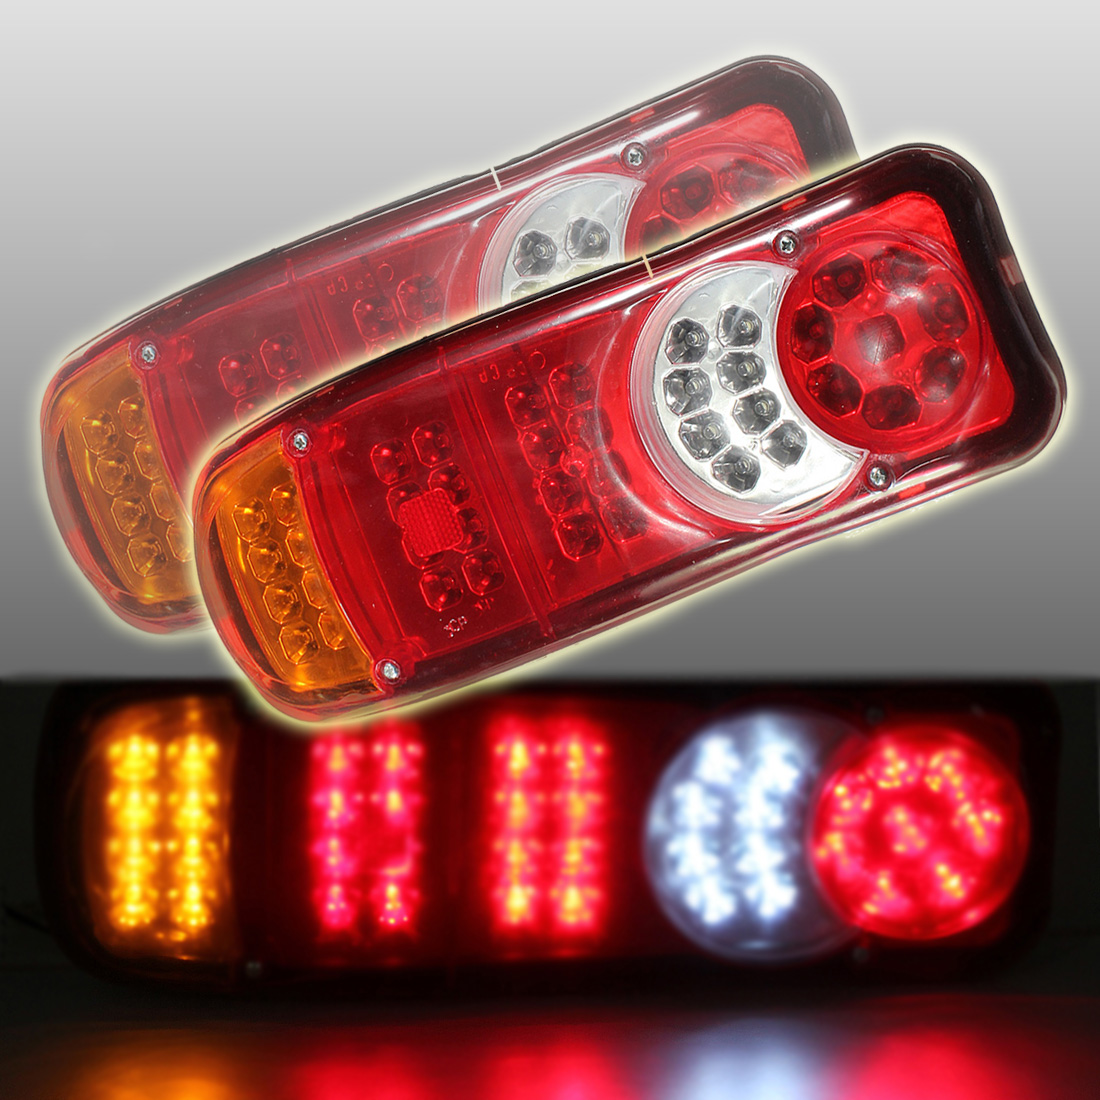 габаритные фонари для грузовиков в интернет магазине